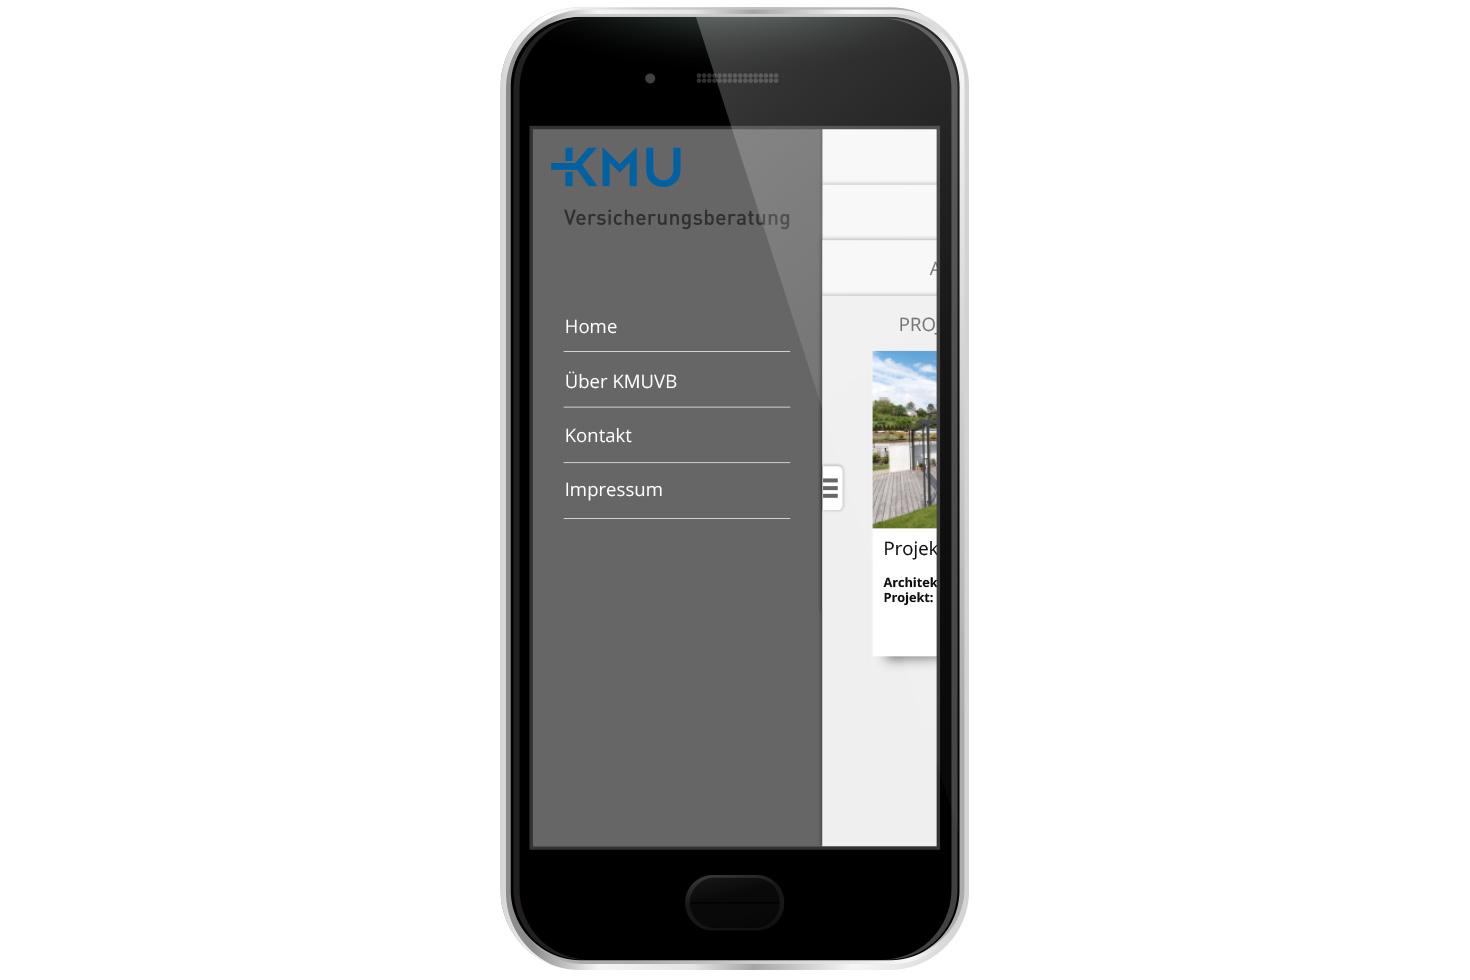 Bild 5 vom KMU Versicherungsberatung Mobile App